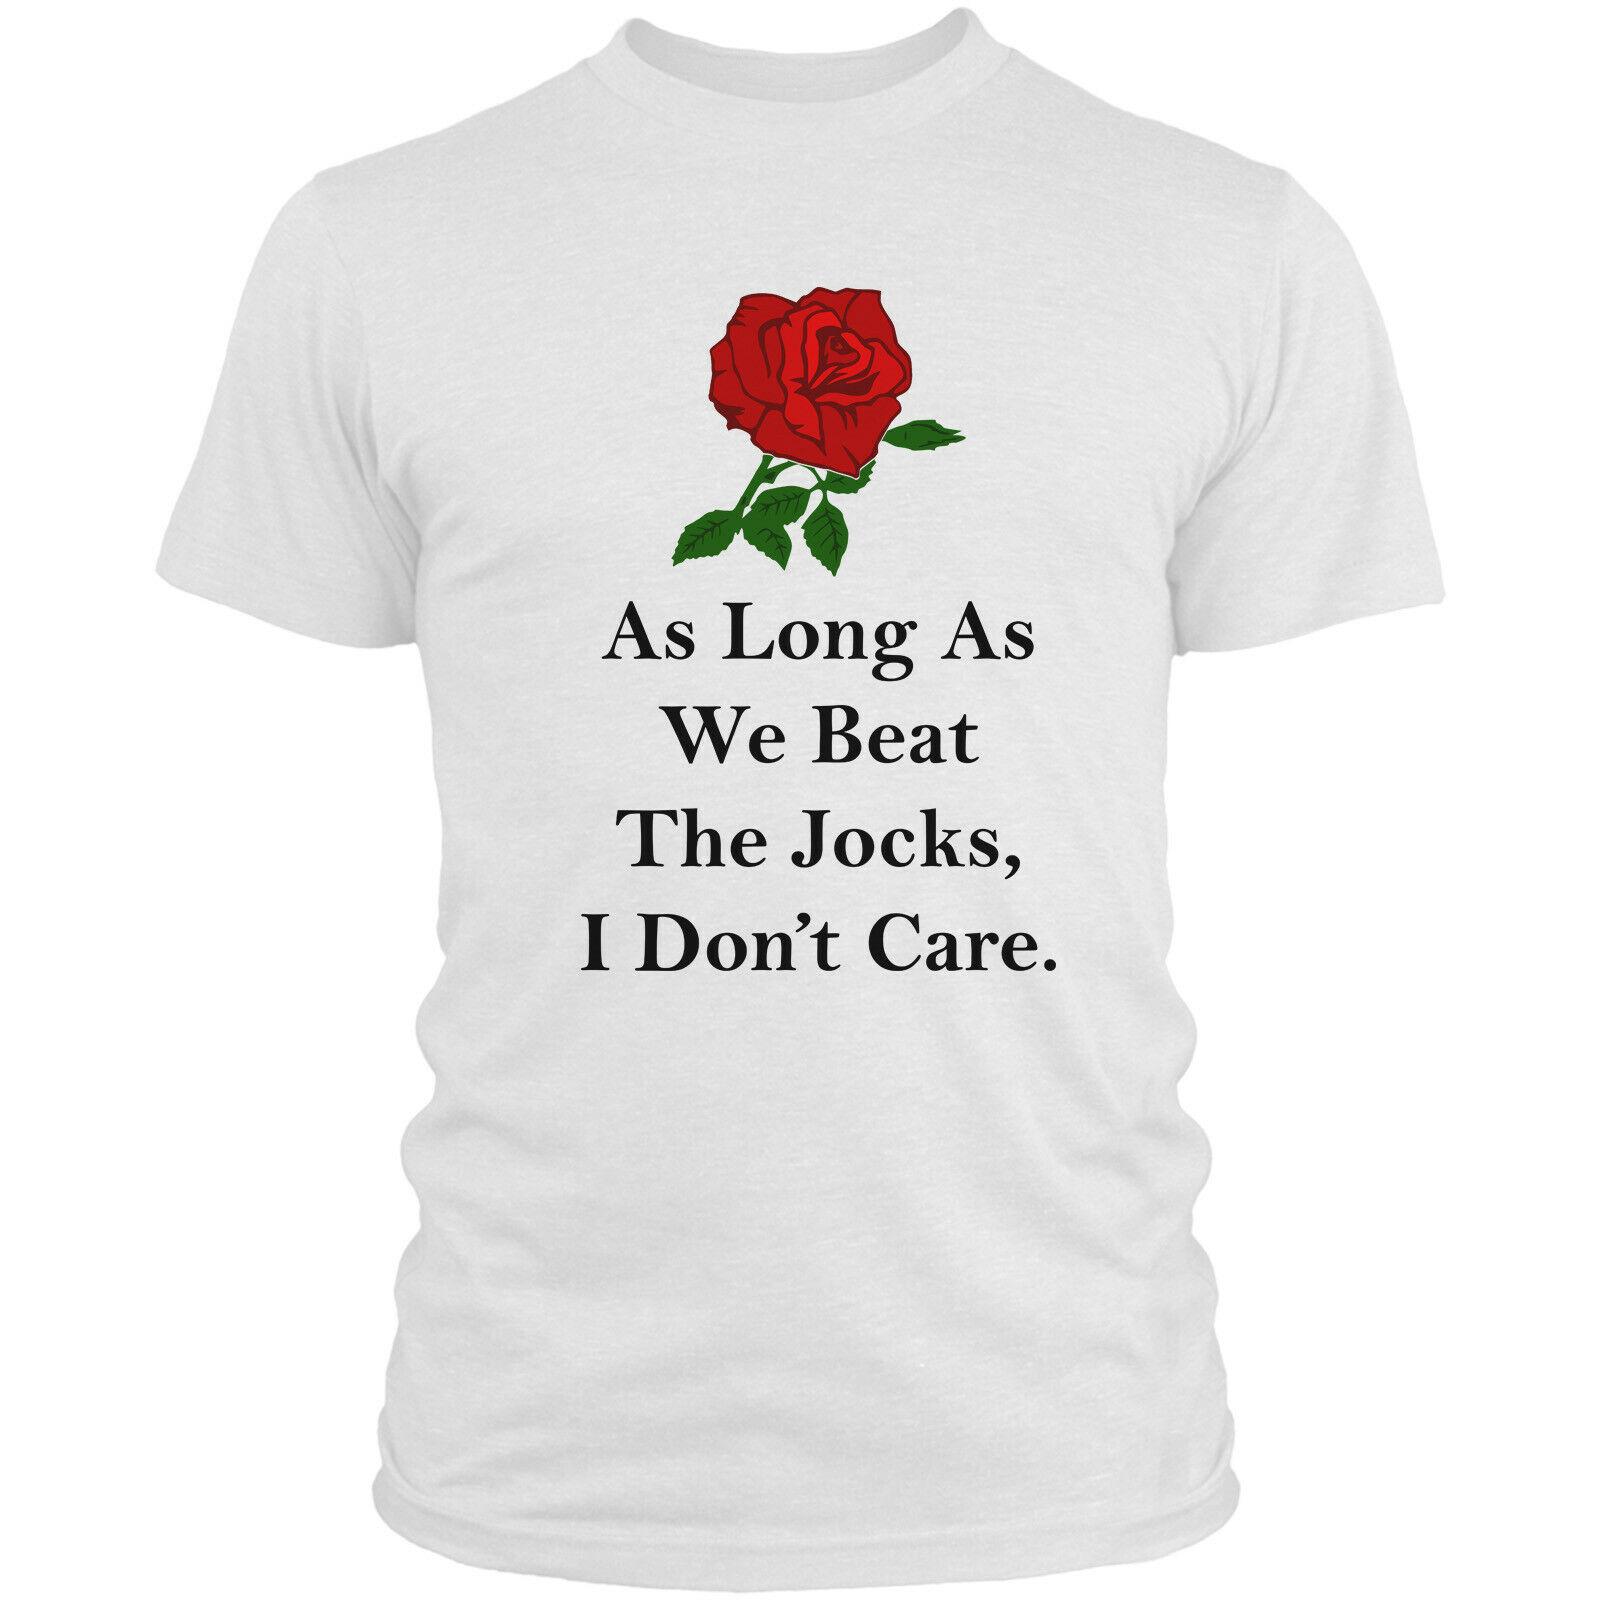 Siempre y cuando ganemos a los atletas no me importa la camiseta de Rugby de Inglaterra 6 países hombres L9